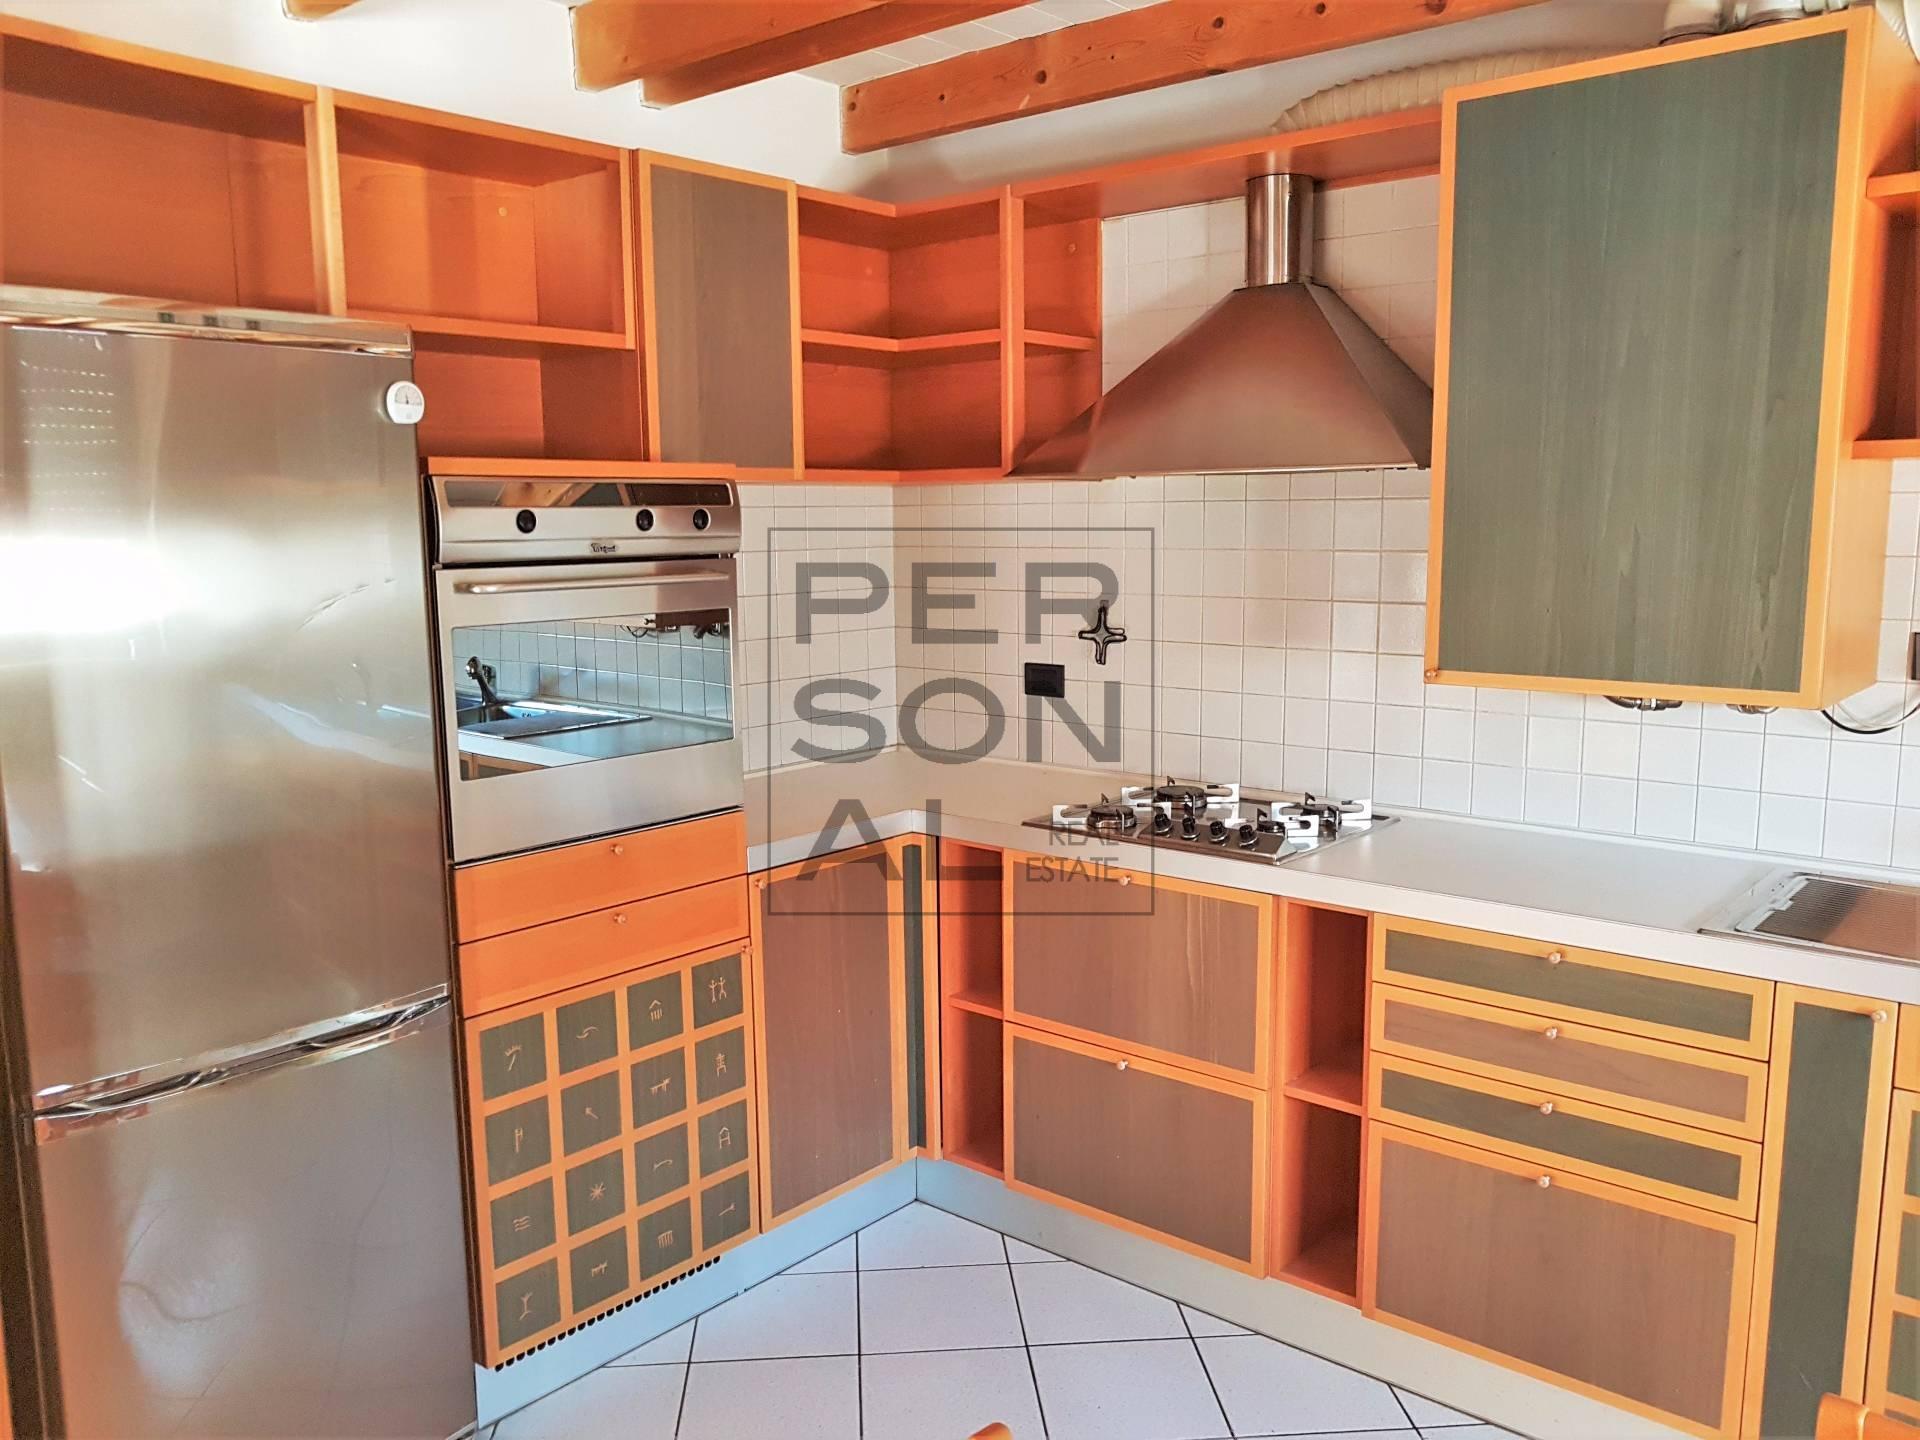 Appartamento in vendita a Egna, 4 locali, prezzo € 247.000 | CambioCasa.it